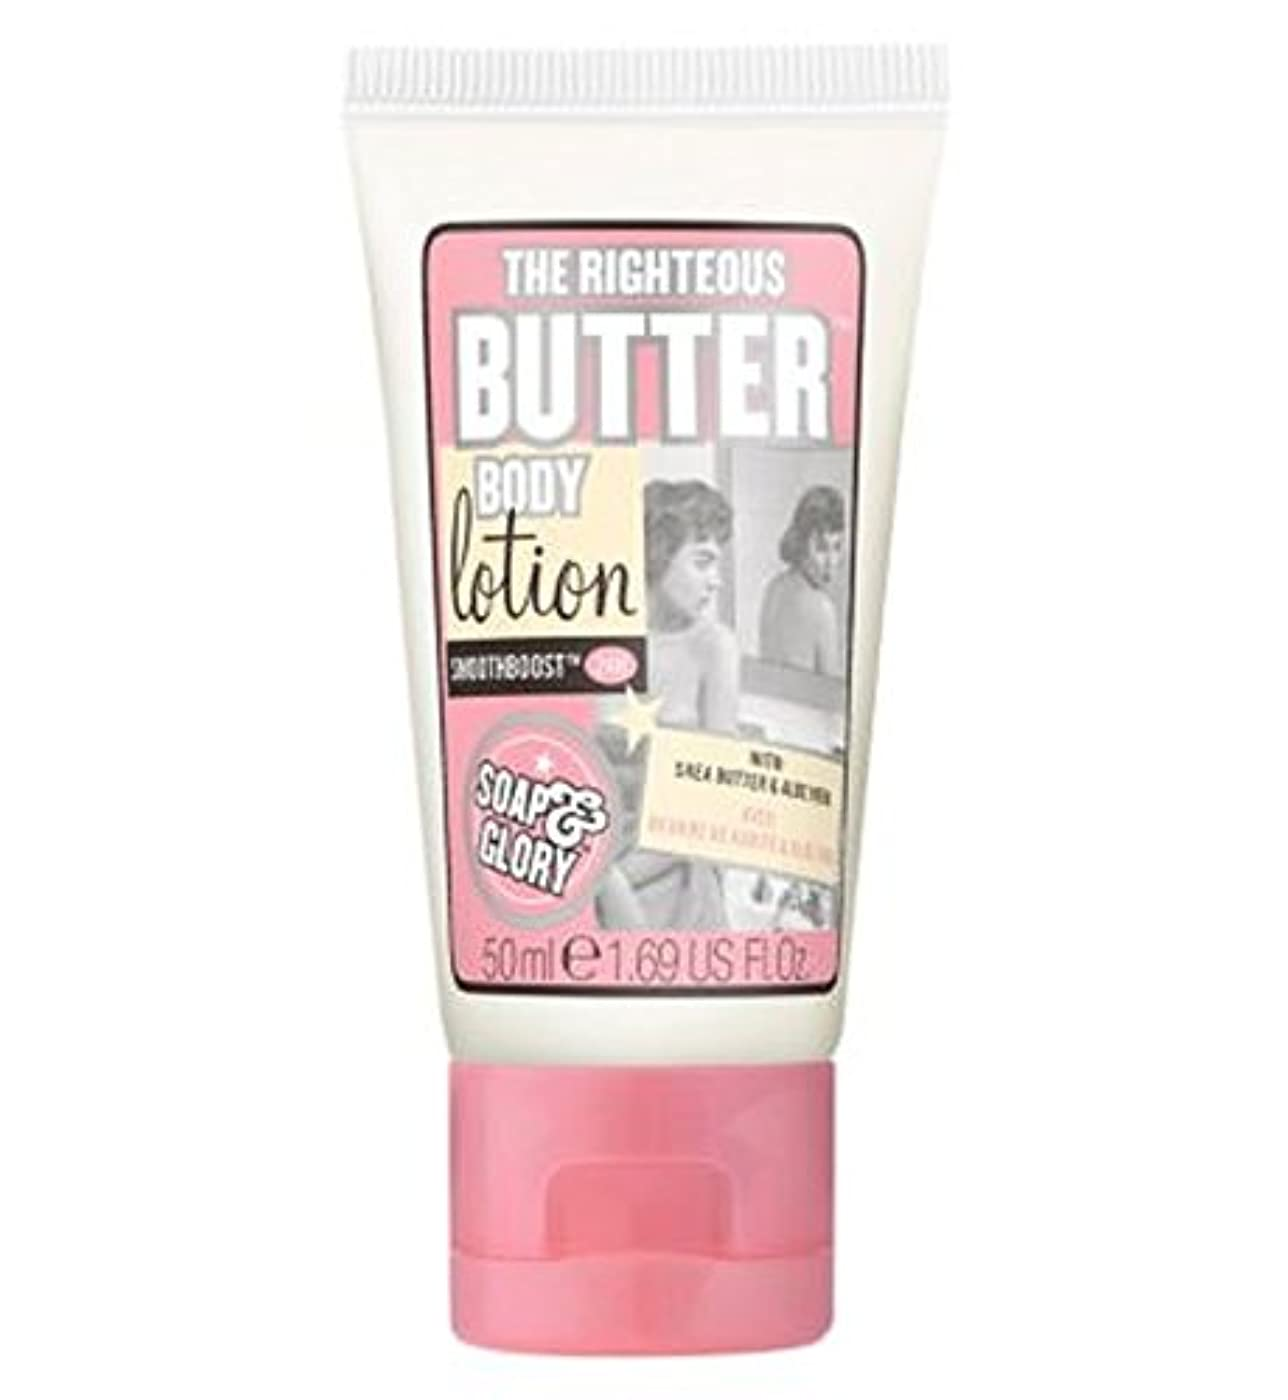 寛容困惑する廃棄するSoap & Glory The Righteous Butter Lotion 50ml - 石鹸&栄光正義のバターローション50ミリリットル (Soap & Glory) [並行輸入品]